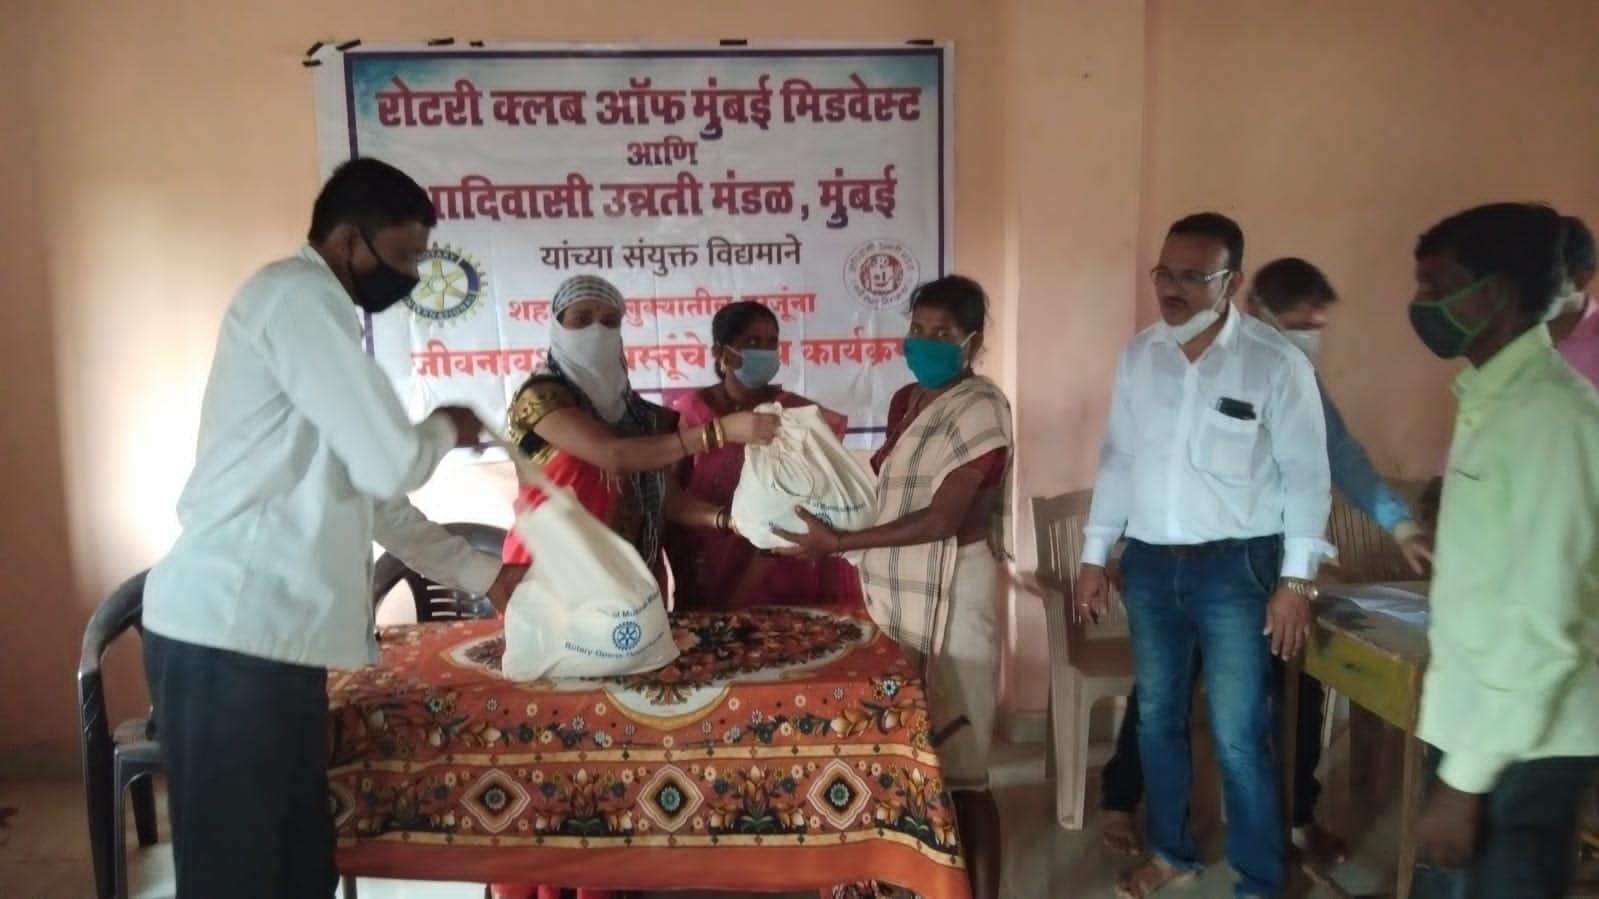 Adarsh Maharashtra | आणि गरिबांची दिवाळी गोड झाली.....